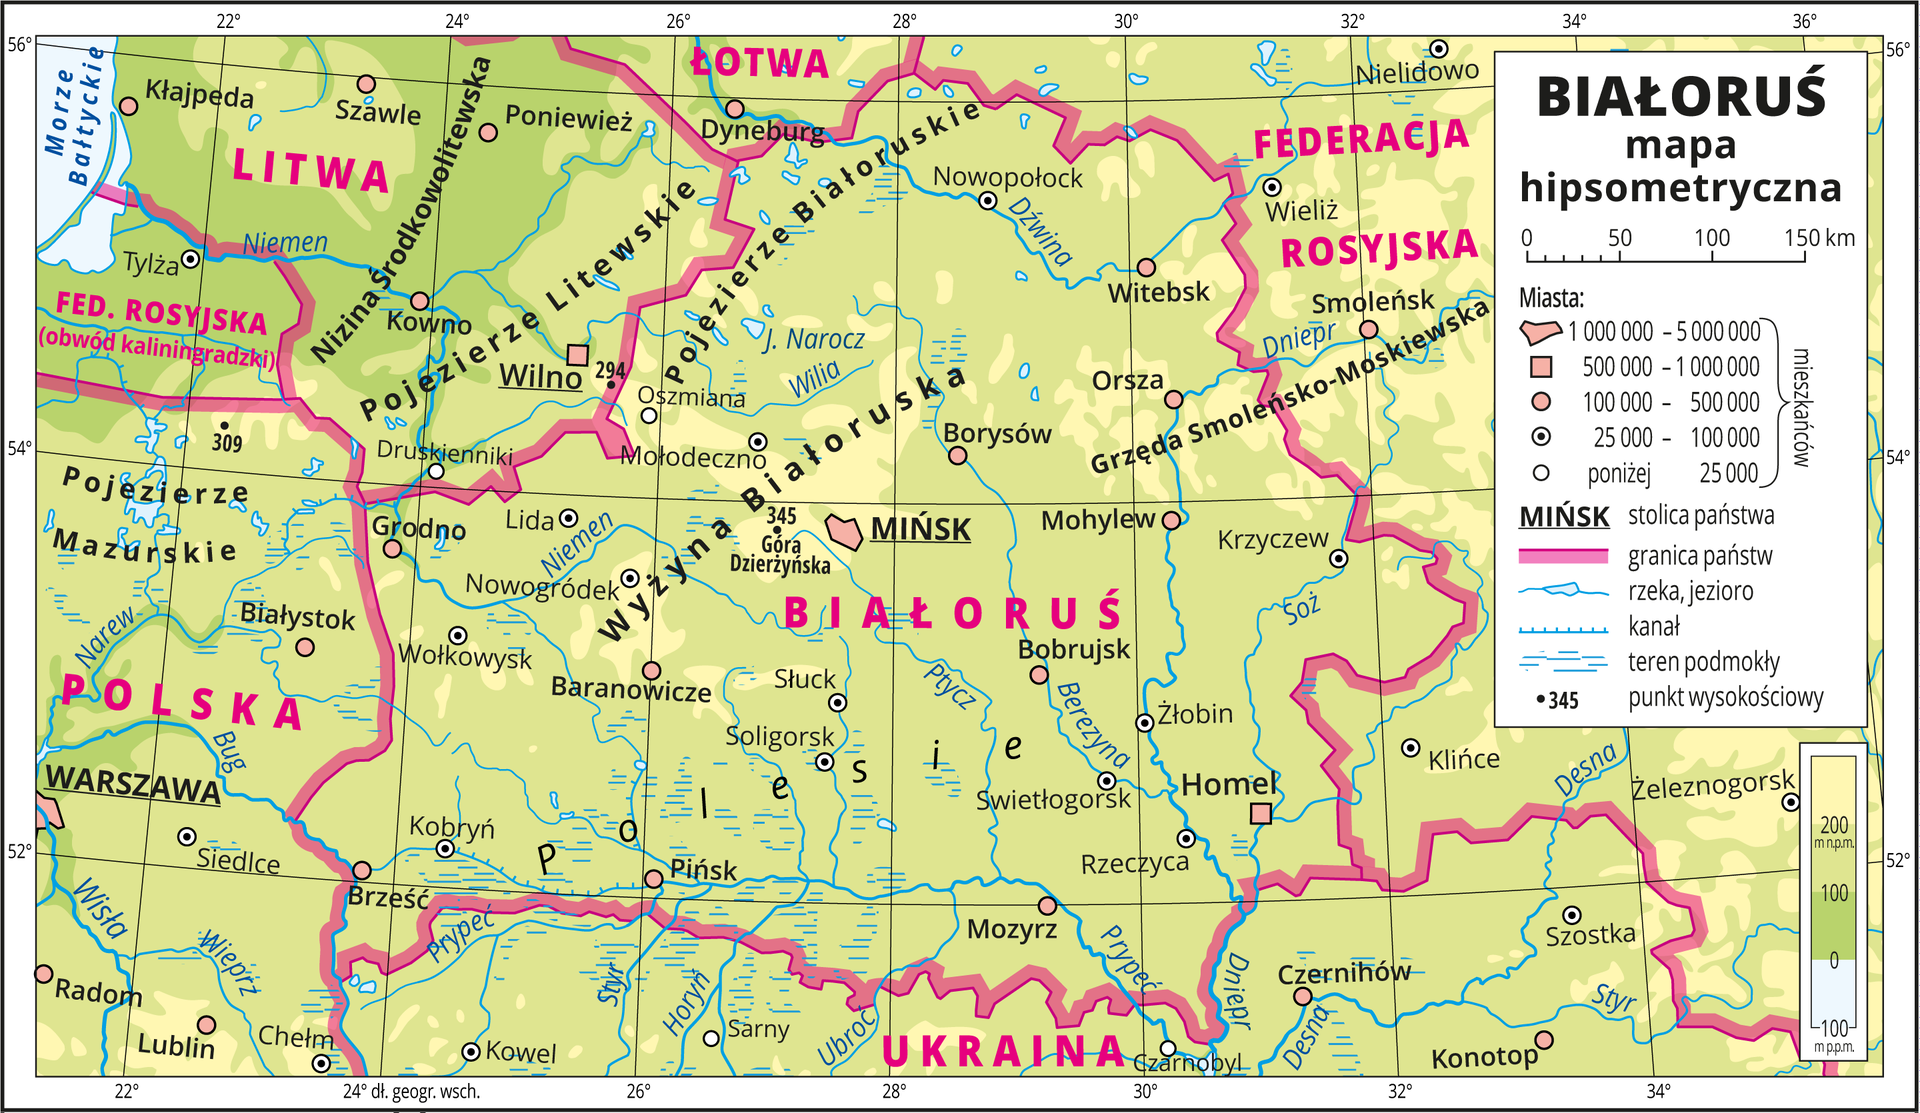 Ilustracja przedstawia mapę hipsometryczną Białorusi. Wobrębie lądów występują obszary wkolorze zielonym iżółtym. Wlewym górnym rogu mapy fragment Morza Bałtyckiego zaznaczono kolorem niebieskim iopisano. Na mapie opisano nazwy nizin iwyżyn, rzek ijezior. Oznaczono iopisano główne miasta. Oznaczono czarnymi kropkami iopisano punkty wysokościowe. Różową wstążką przedstawiono granice państw. Kolorem czerwonym opisano państwa sąsiadujące zBiałorusią. Mapa pokryta jest równoleżnikami ipołudnikami. Dookoła mapy wbiałej ramce opisano współrzędne geograficzne co dwa stopnie. Wlegendzie umieszczono iopisano znaki użyte na mapie.